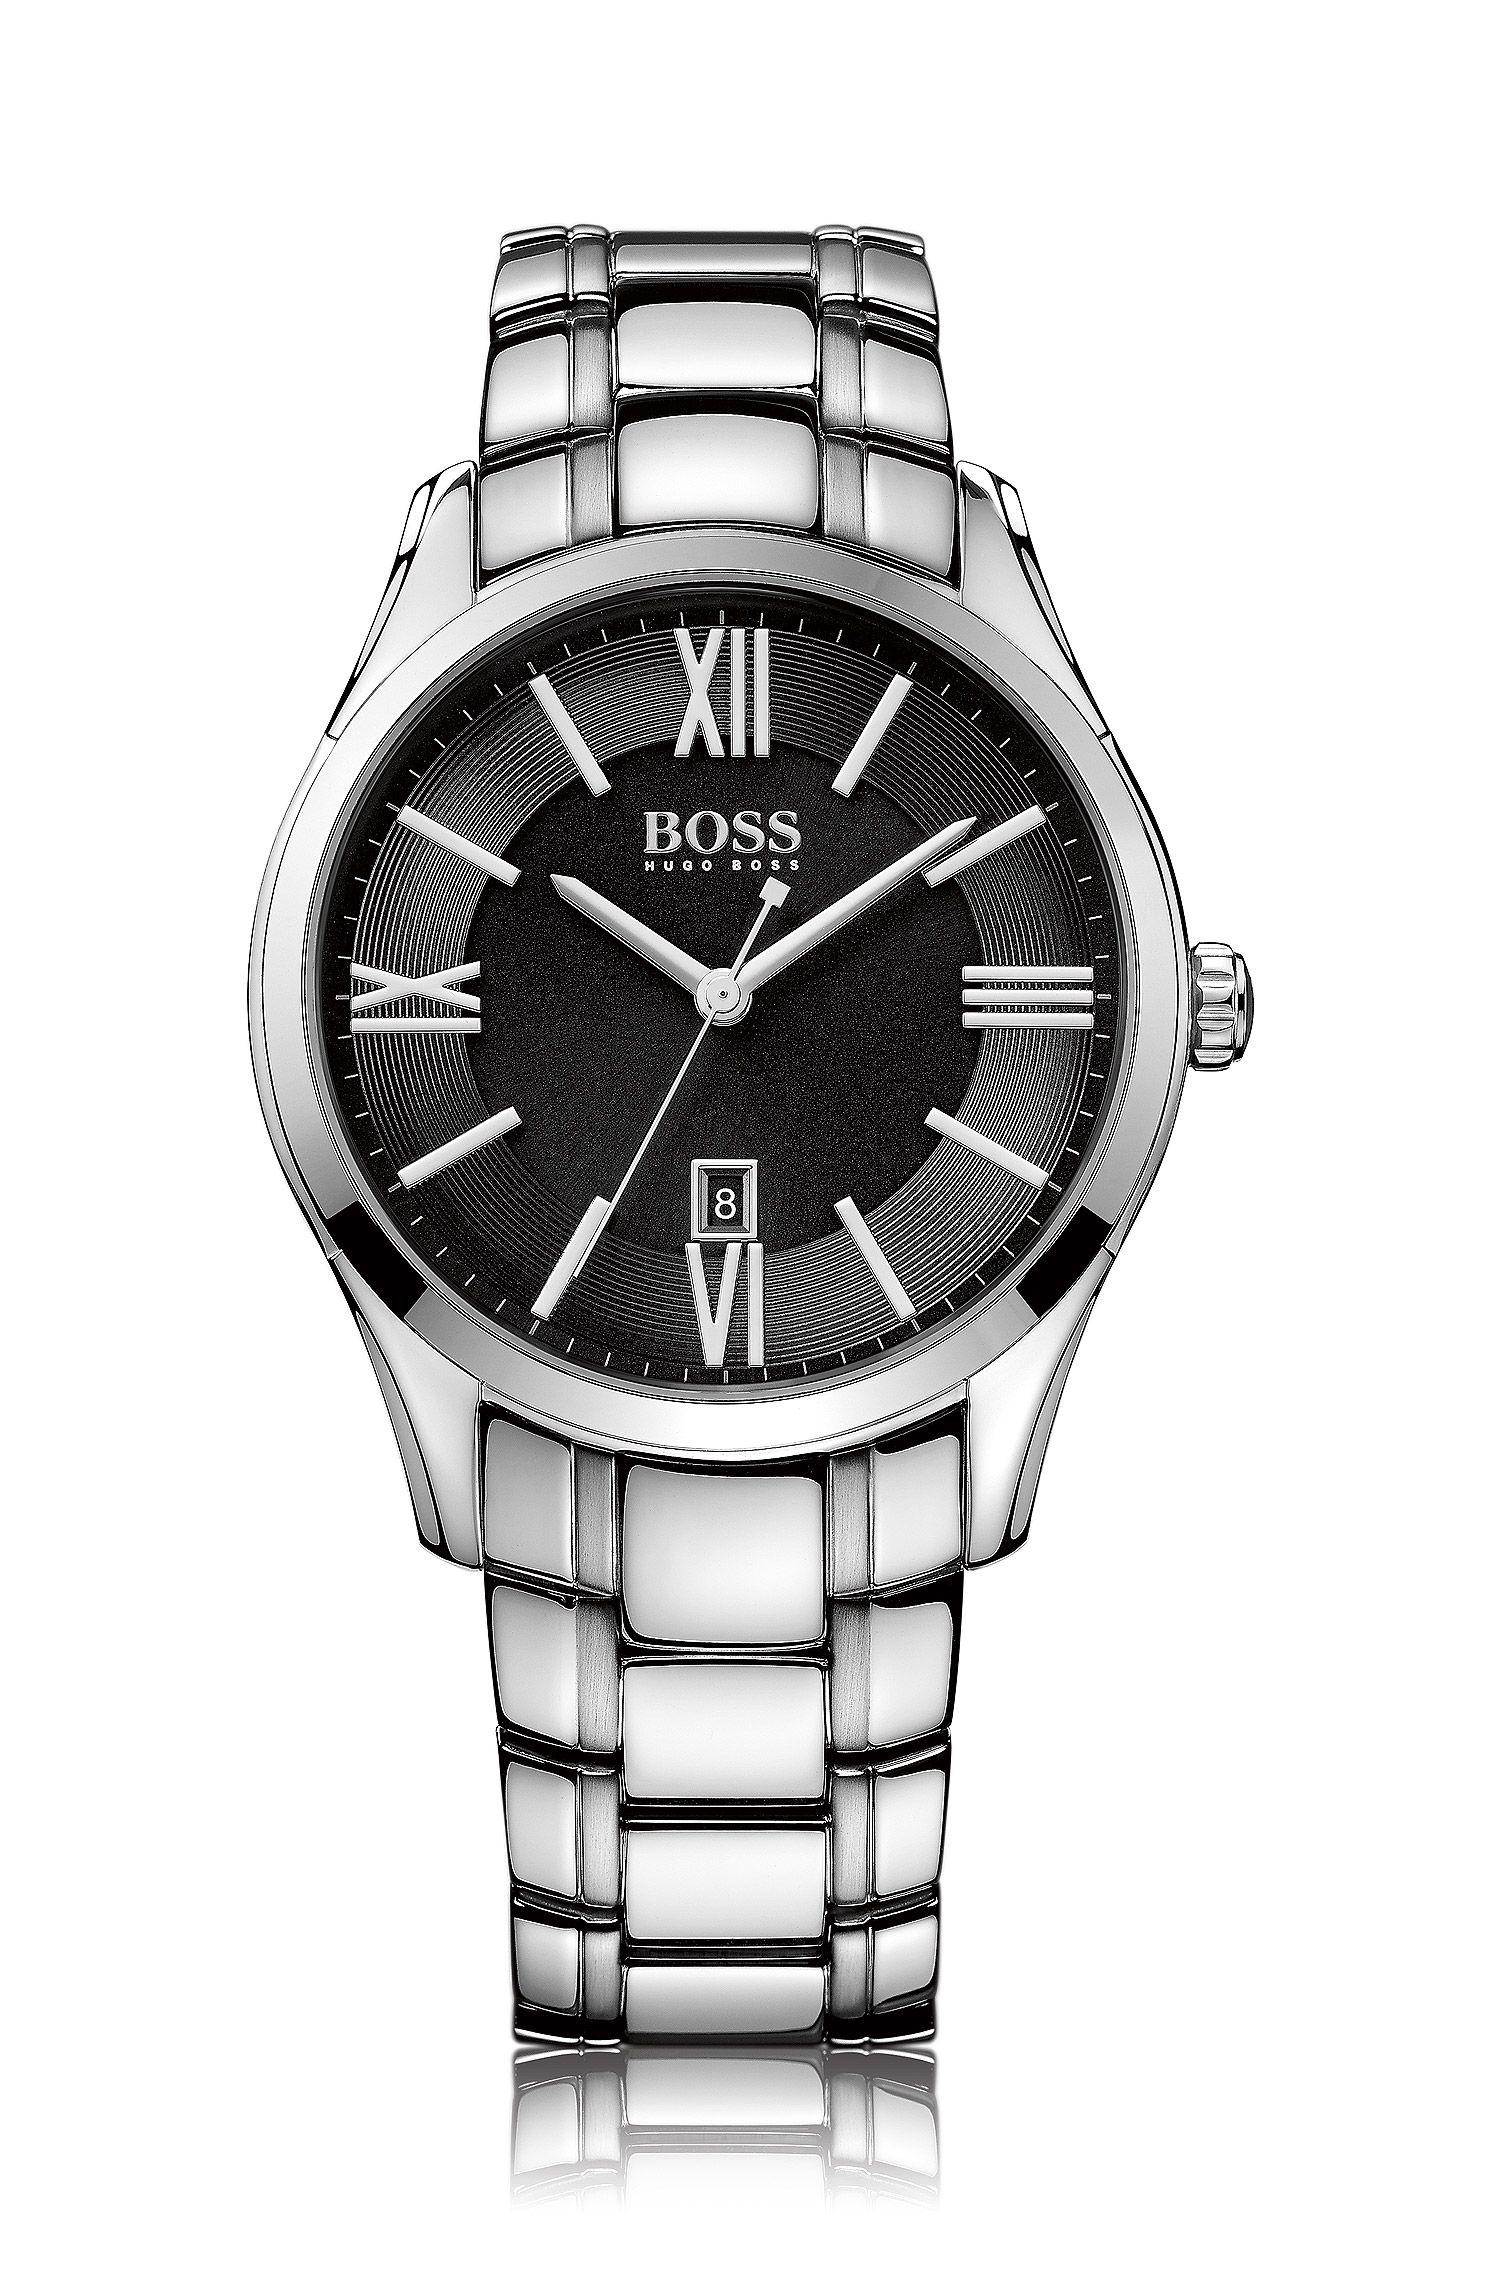 Montre en acier inoxydable poli à cadran noir soleillé et bracelet fuselé